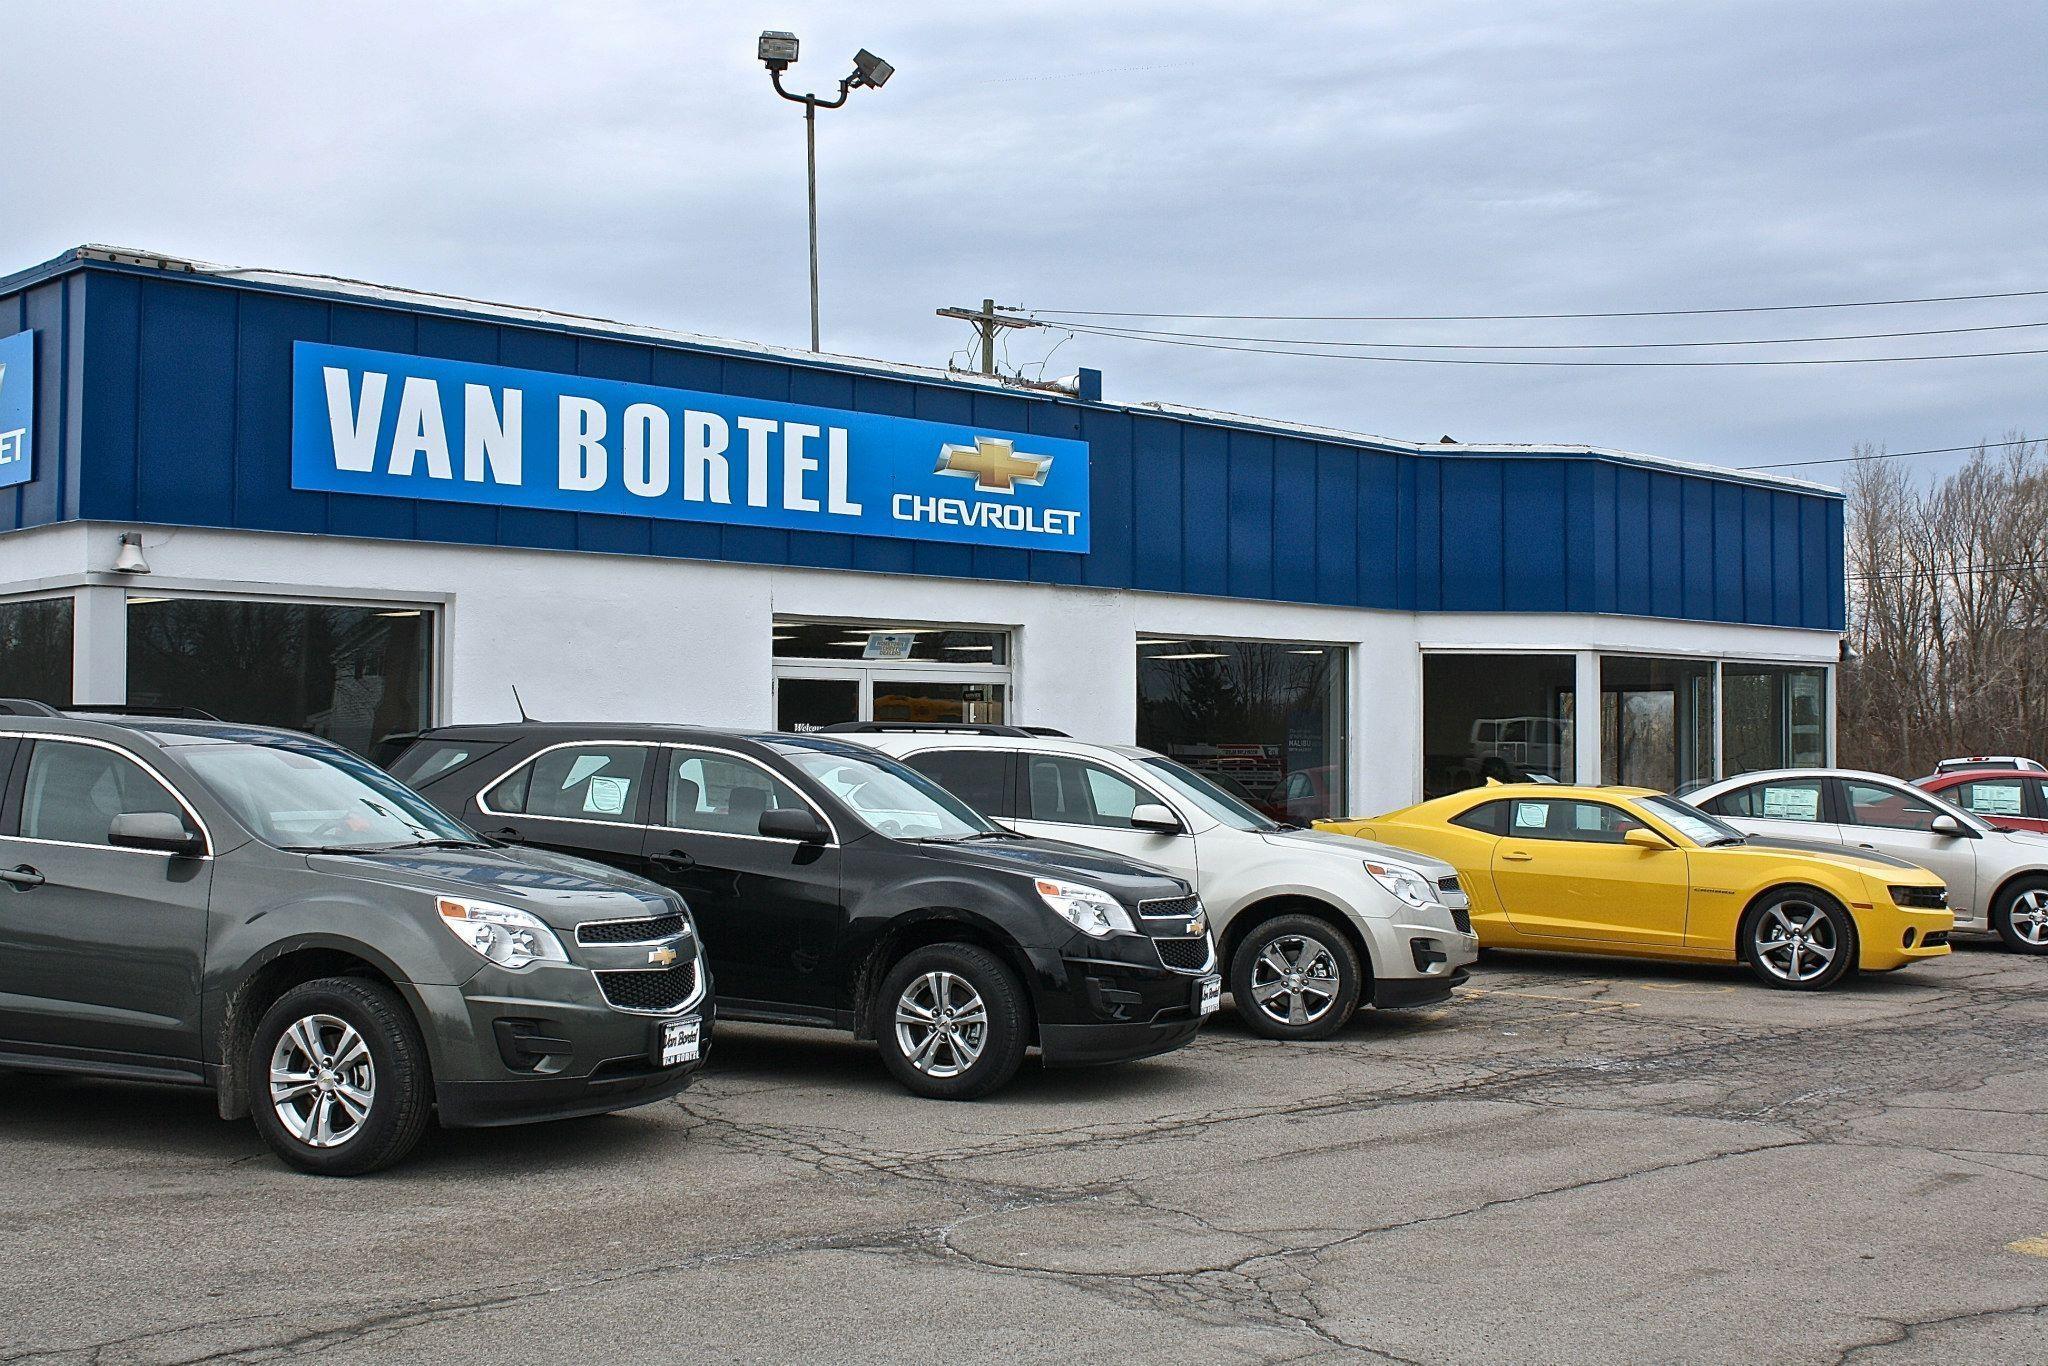 Van Bortel Chevrolet